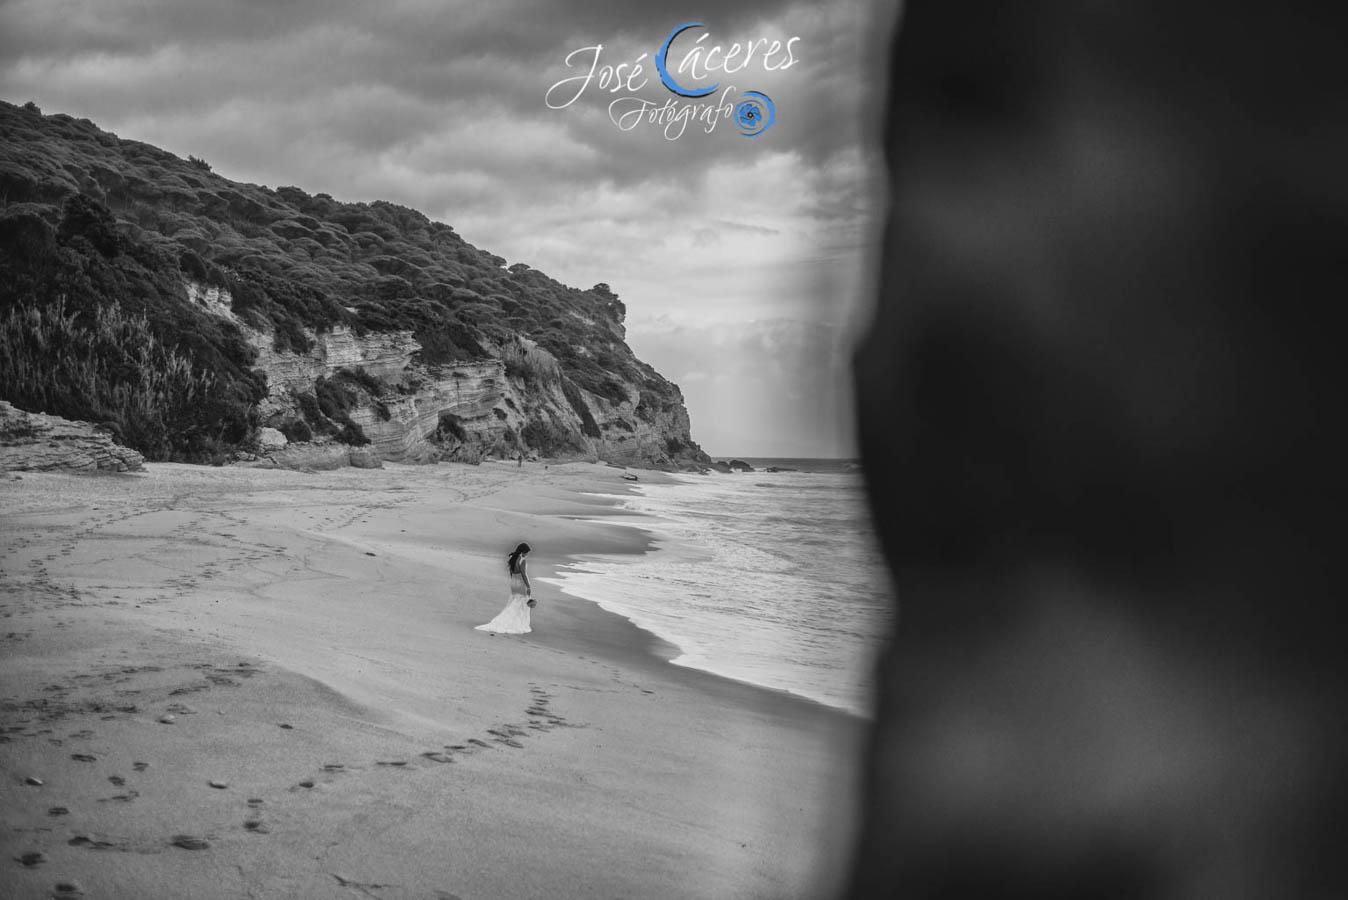 Sesion fotografica de jose caceres fotografia, post boda leticia y jose luis, playas-1